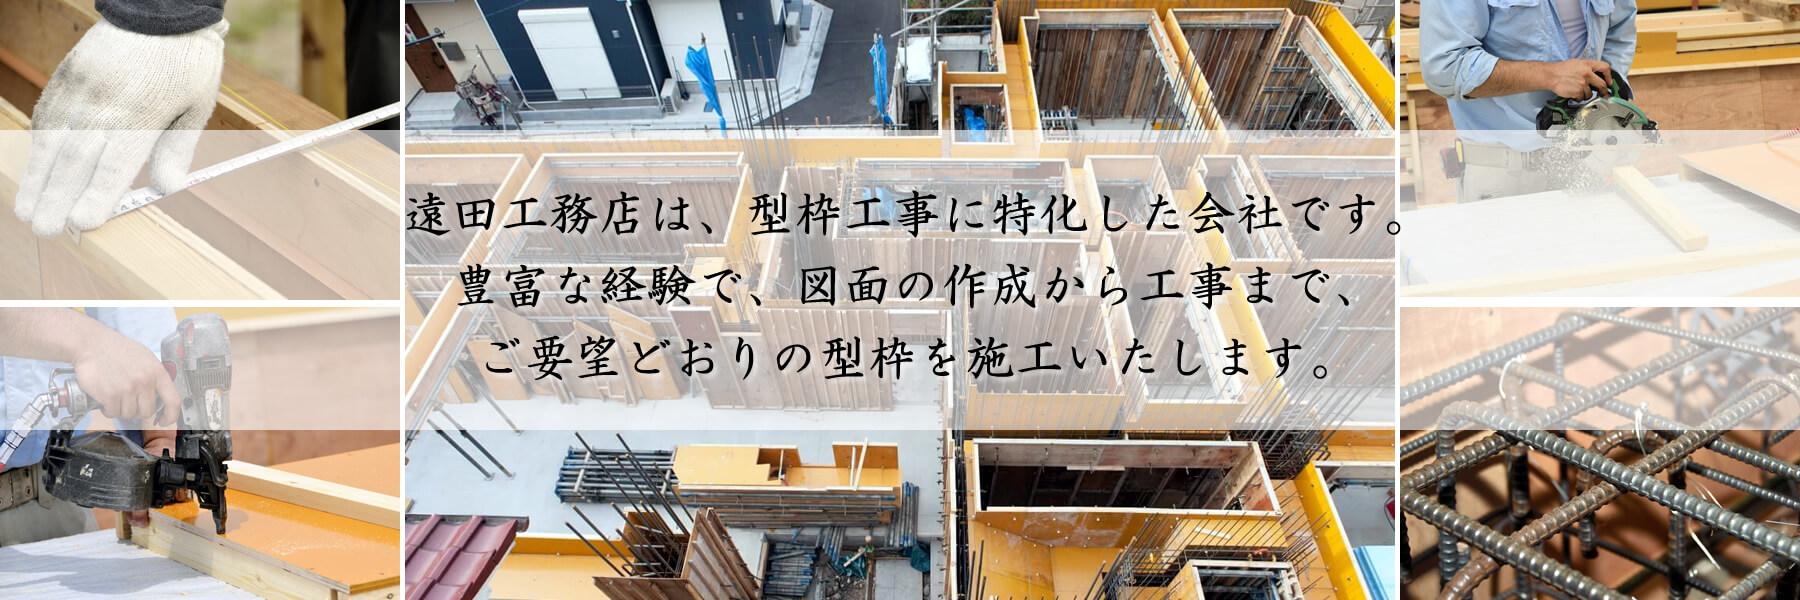 遠田工務店は、型枠工事に特化した会社です。豊富な経験で、図面の作成から工事まで、ご要望どおりの型枠を施工いたします。